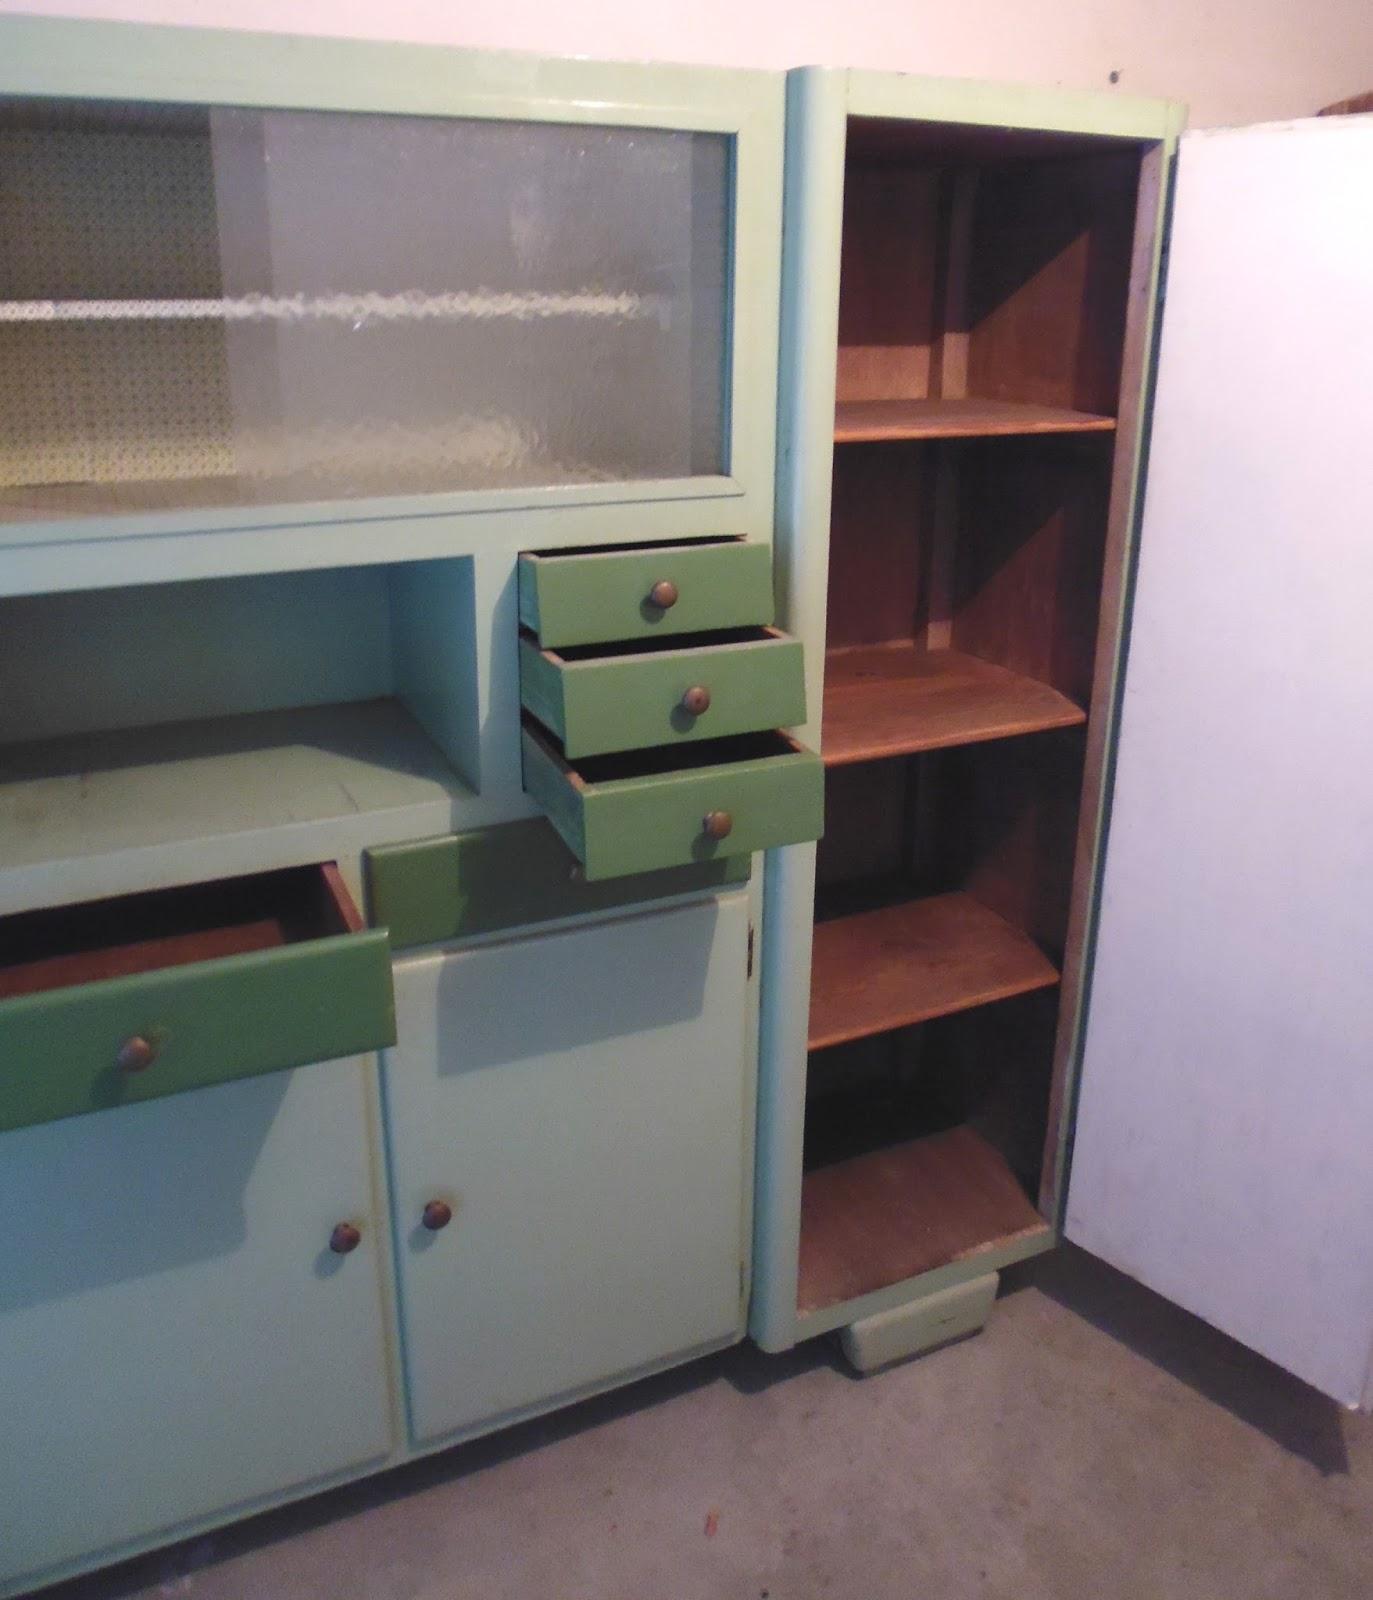 Rimodern credenza da cucina vintage anni 39 50 39 60 - Cucina stile anni 50 ...